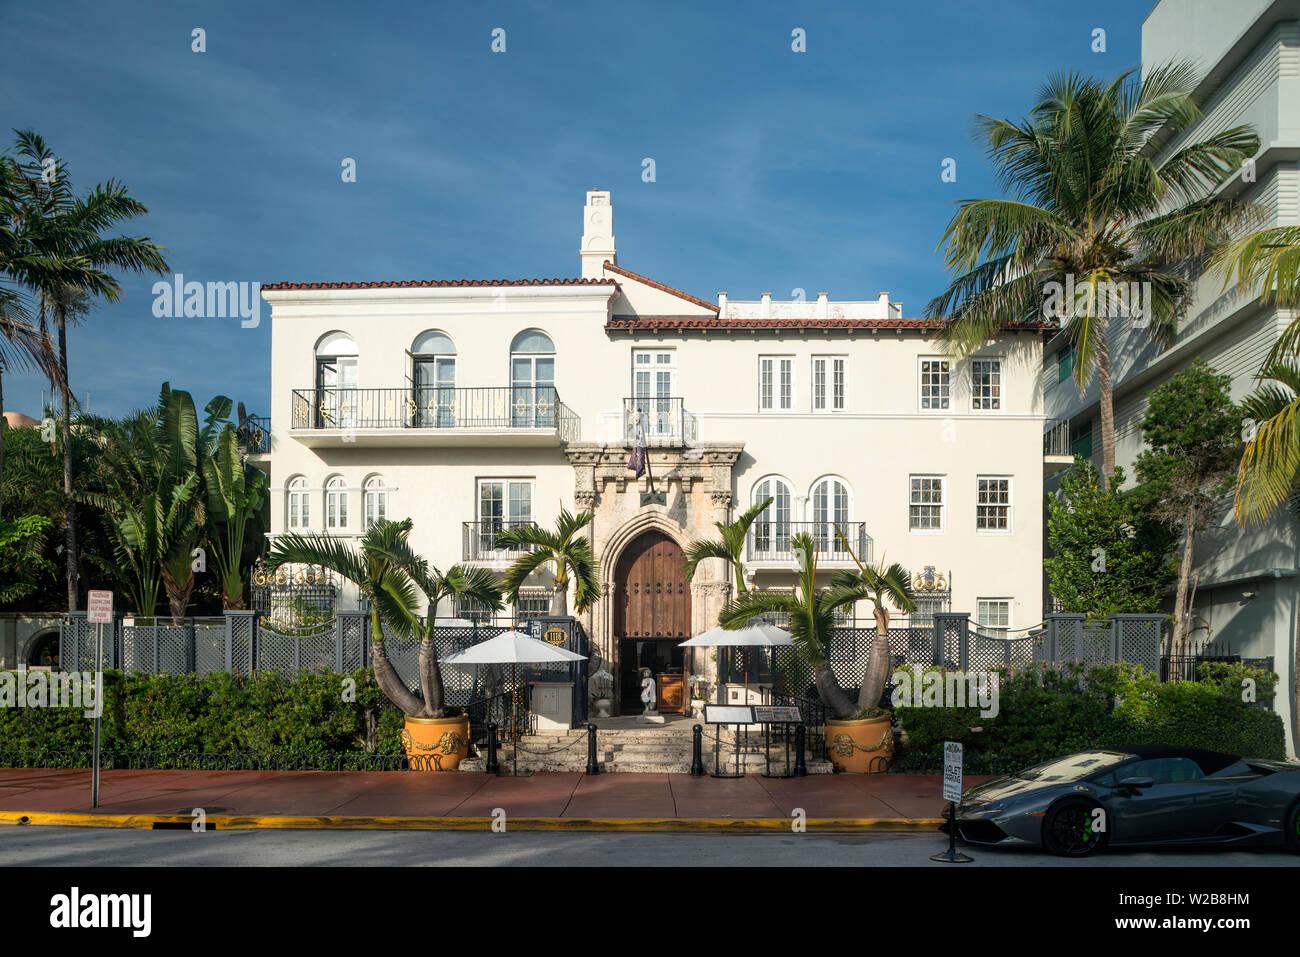 FRONT ENTRANCE CASA CASUARINA HOTEL OCEAN DRIVE MIAMI BEACH FLORIDA USA - Stock Image